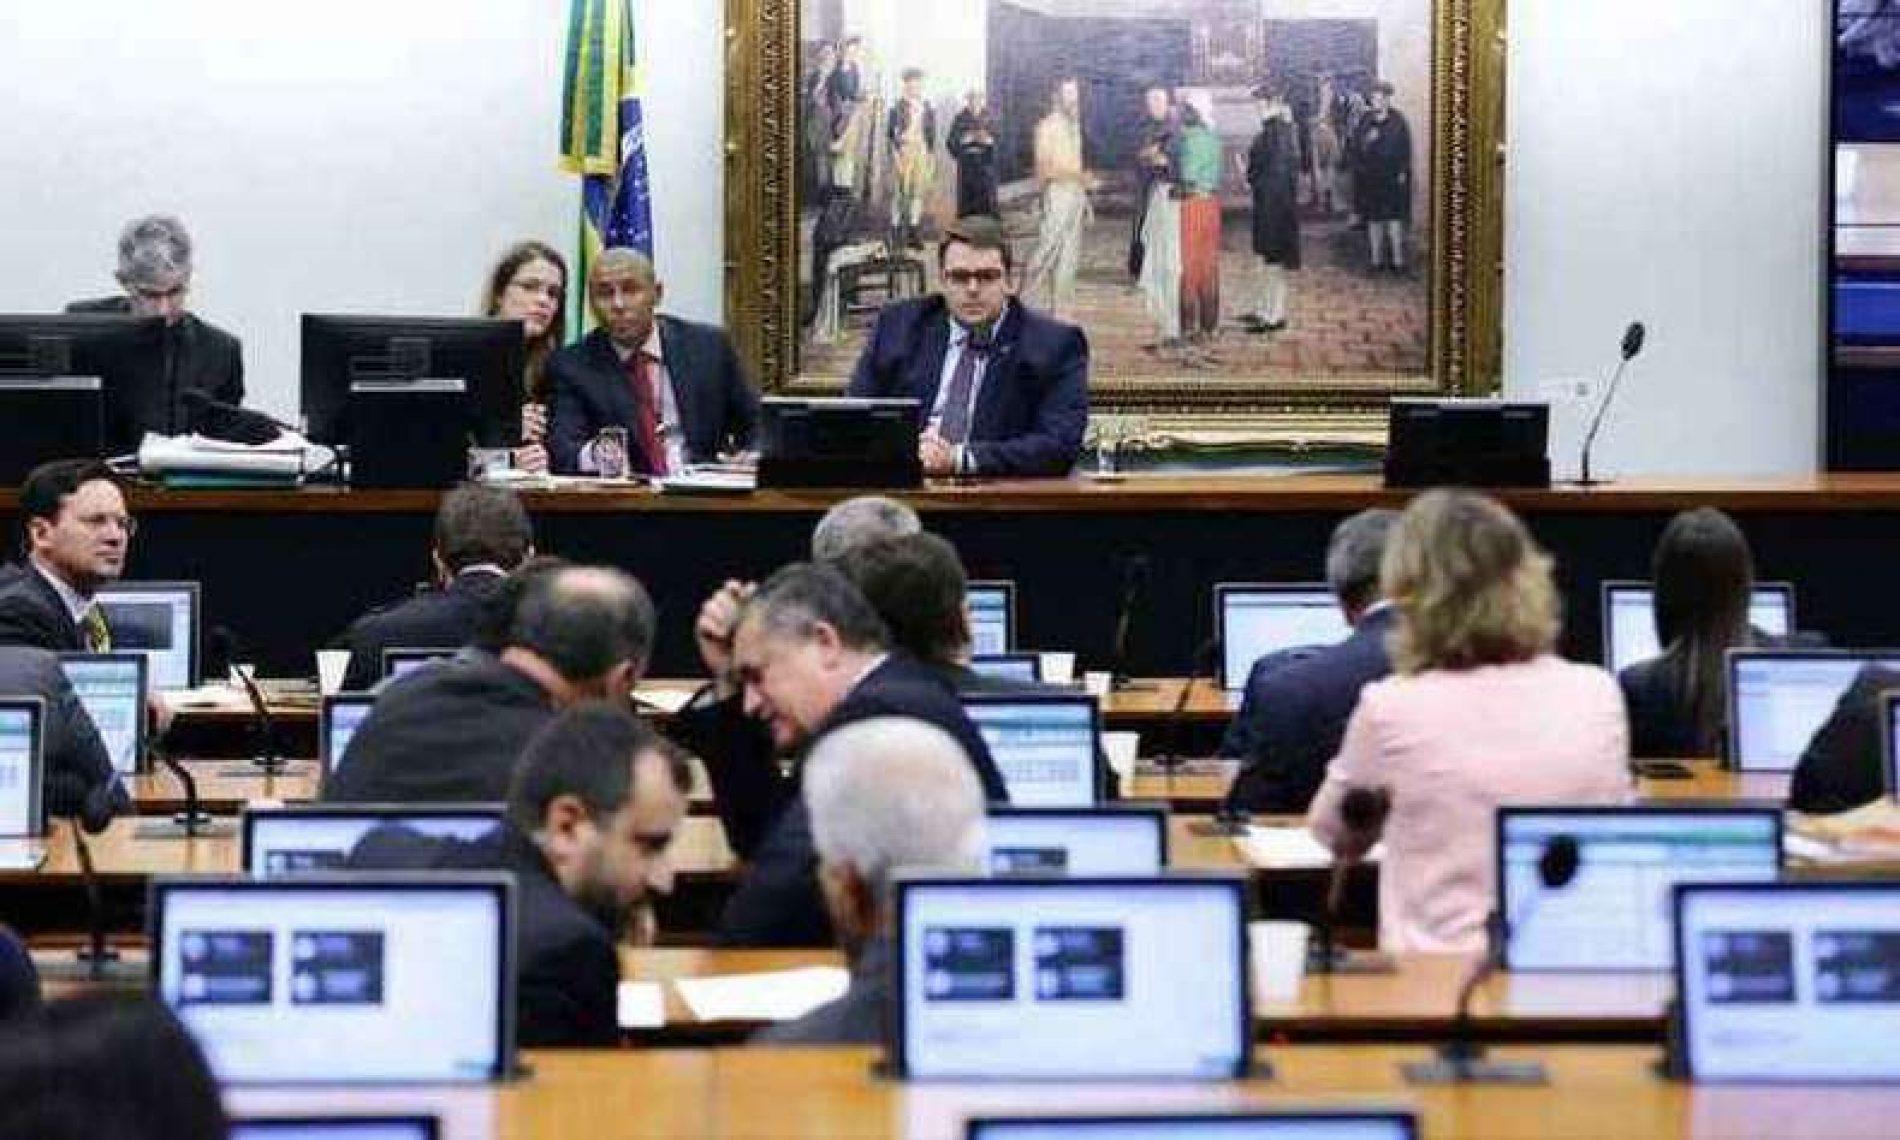 AO VIVO: CCJ está reunida para discutir parecer sobre reforma da Previdência